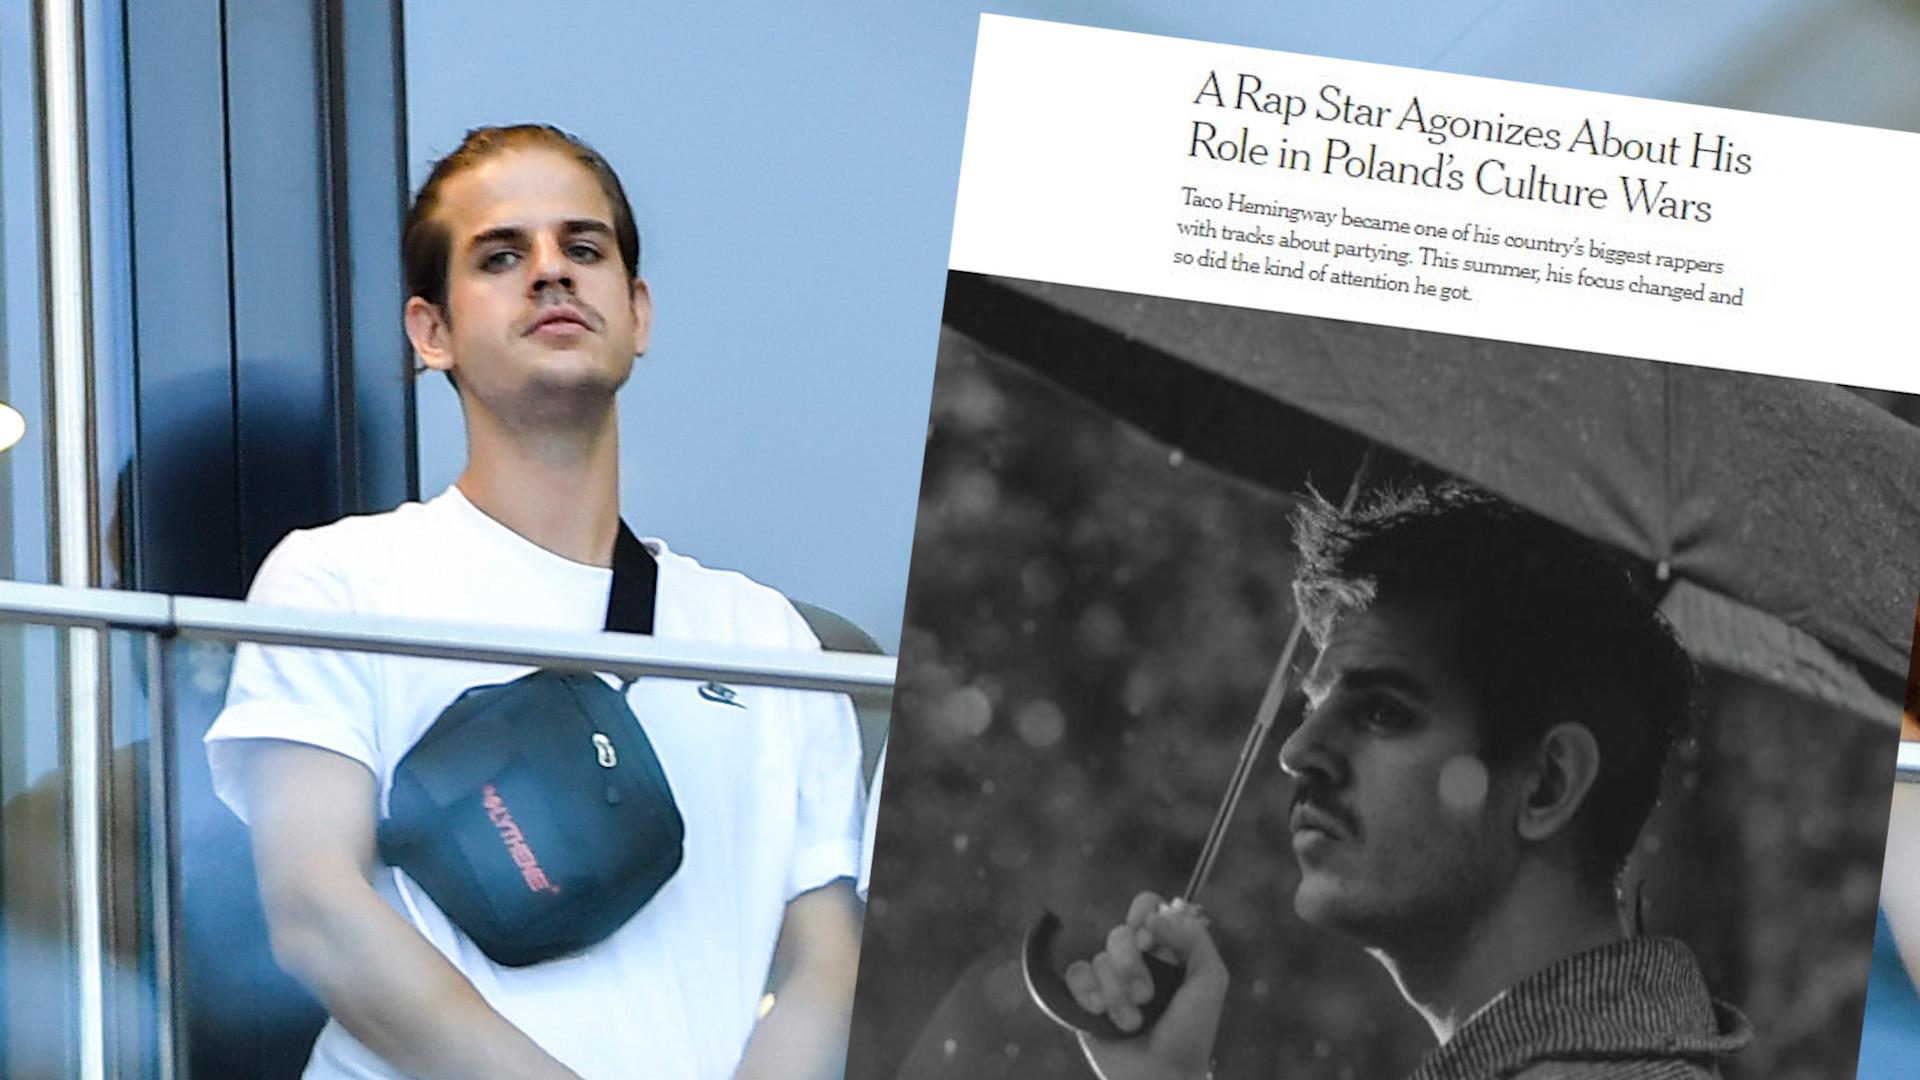 Taco Hemingway udzielił wywiadu New York Timesowi. Nawiązał do obecnej sytuacji w Polsce